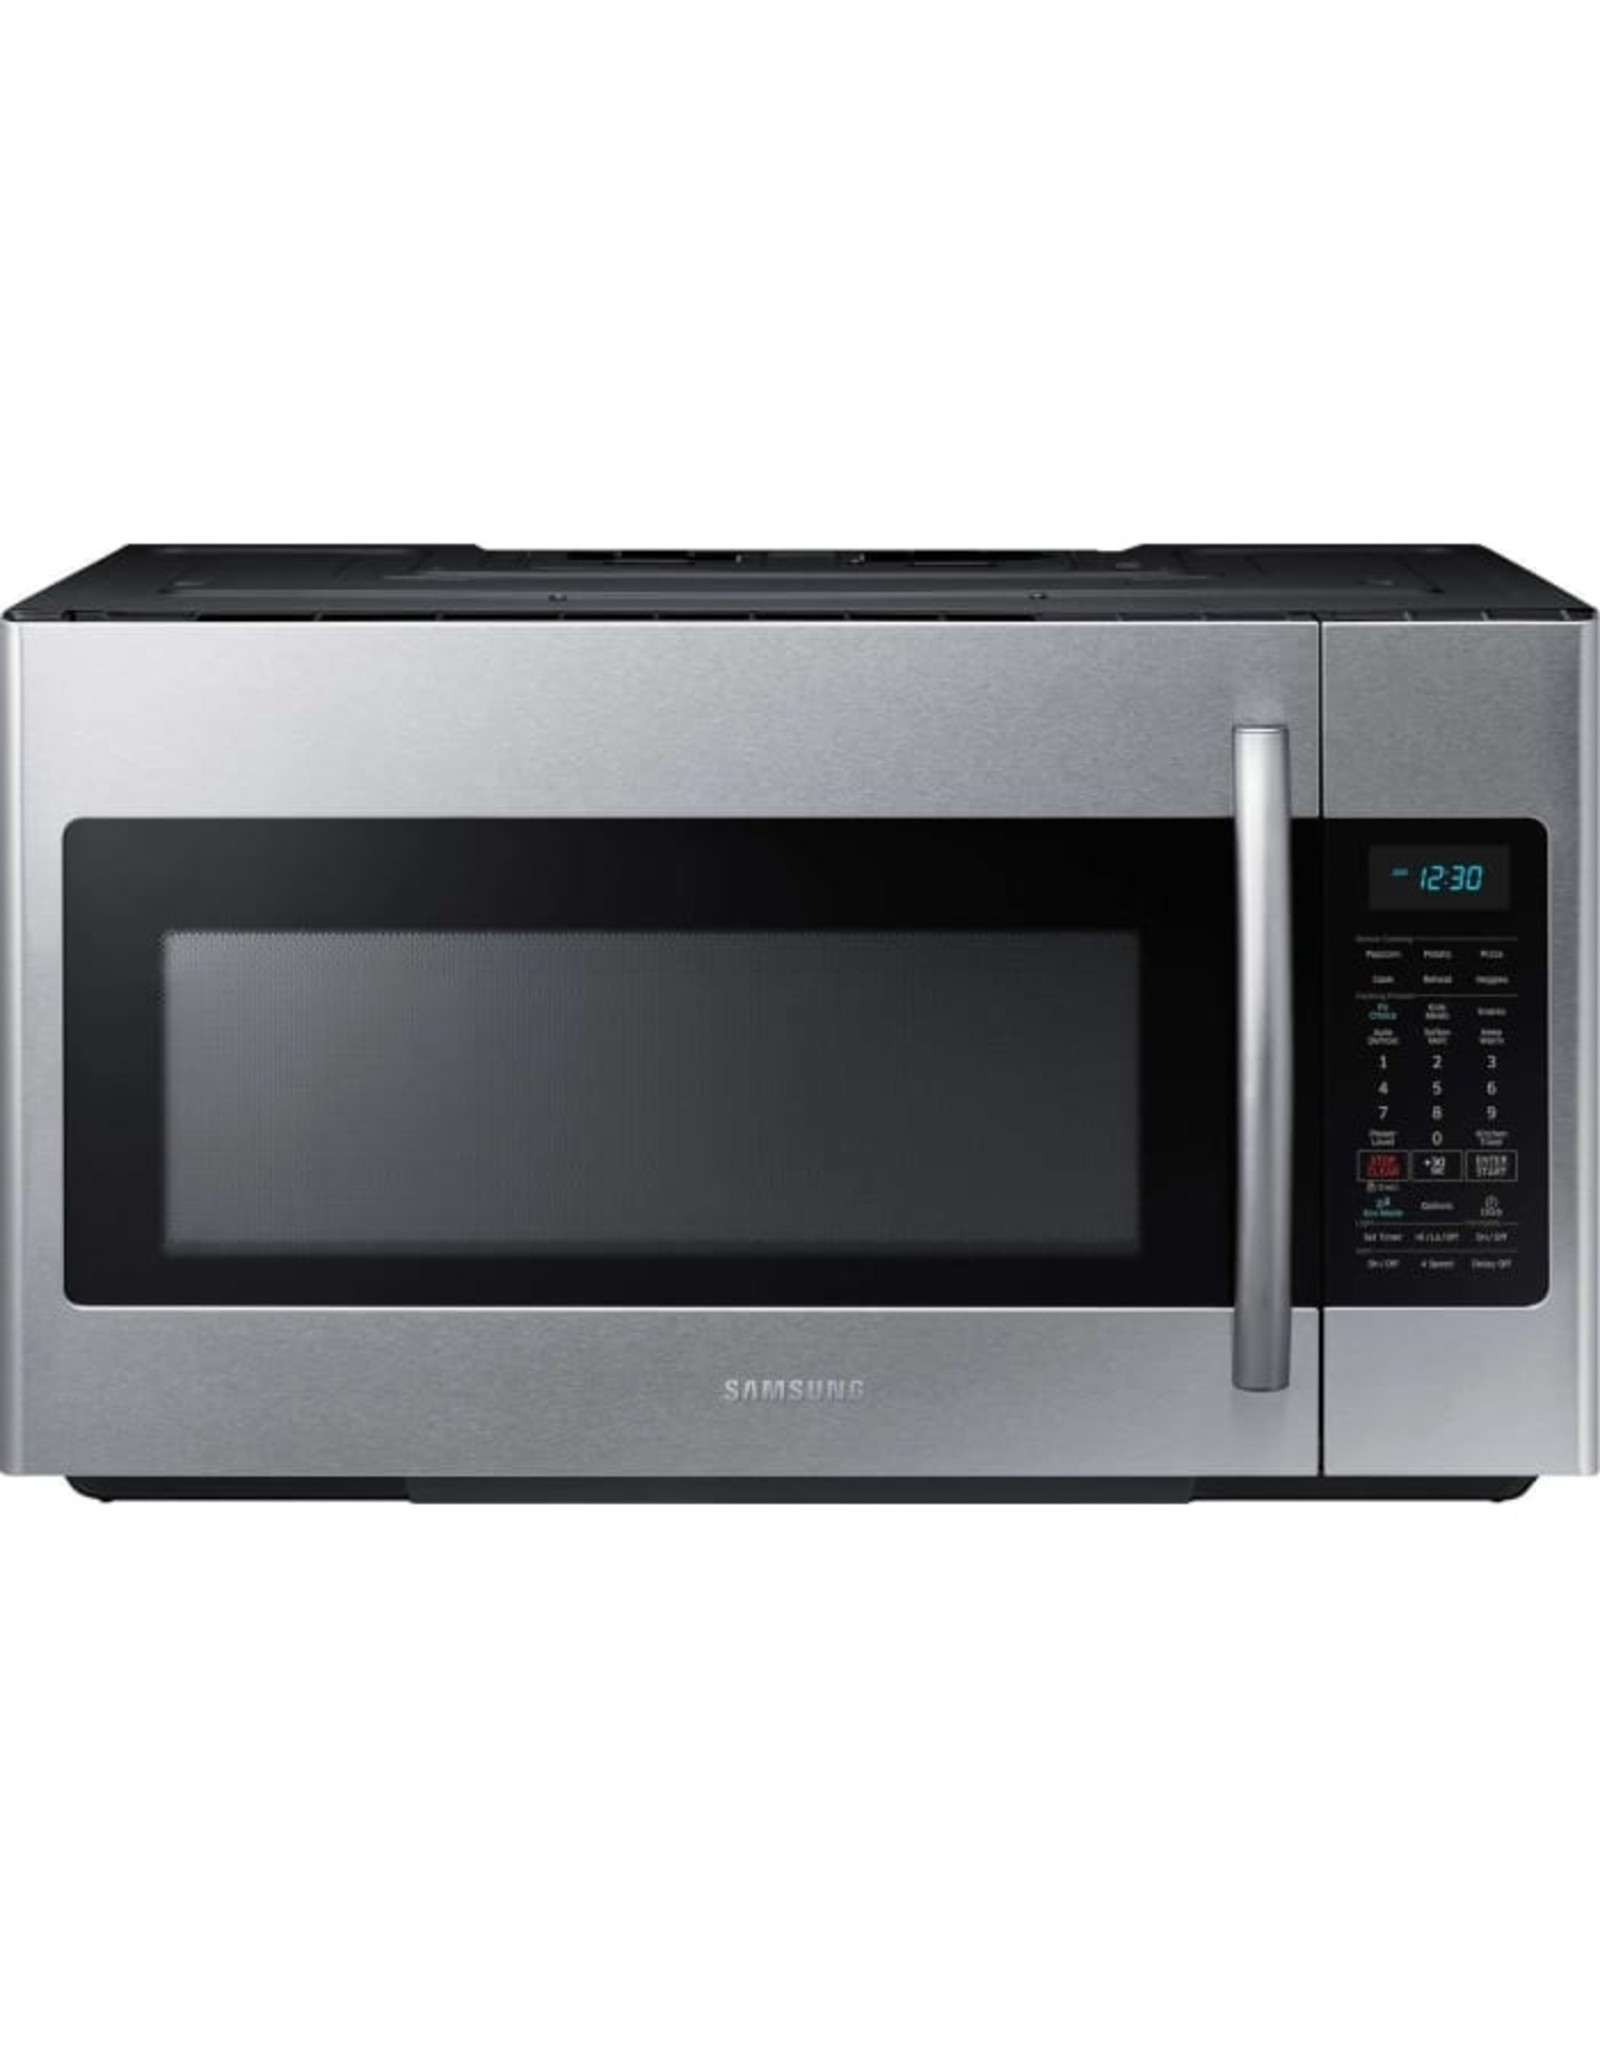 SAMSUNG ME18H704SFS Samsung 1.8 Cu.Ft. OTR Microwave